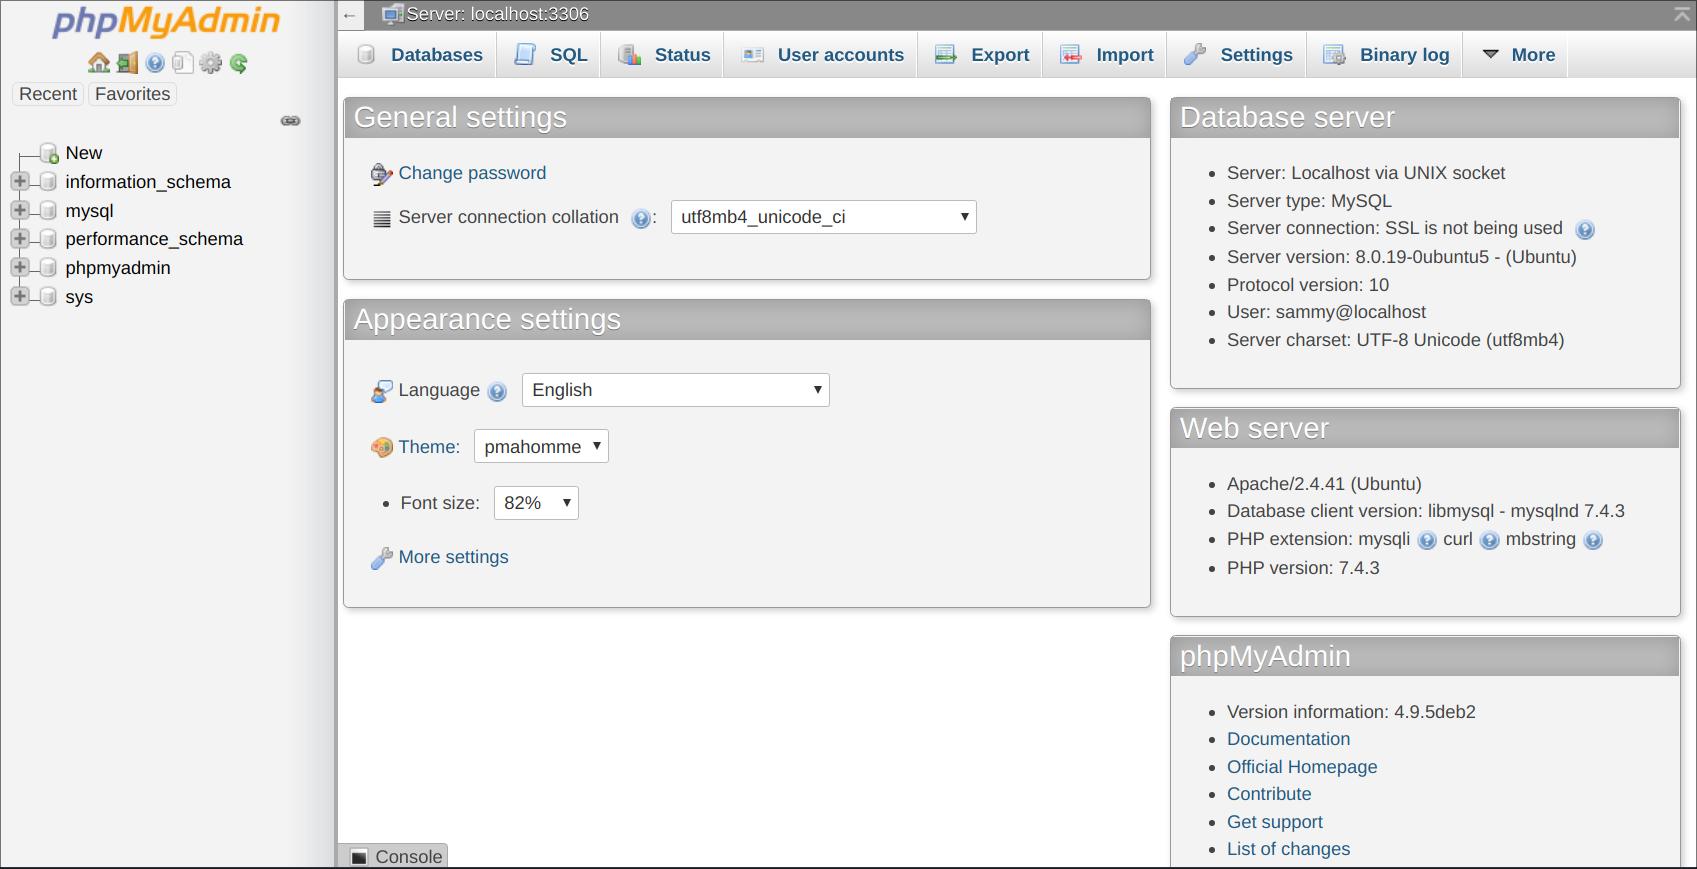 phpMyAdmin-Benutzeroberfläche